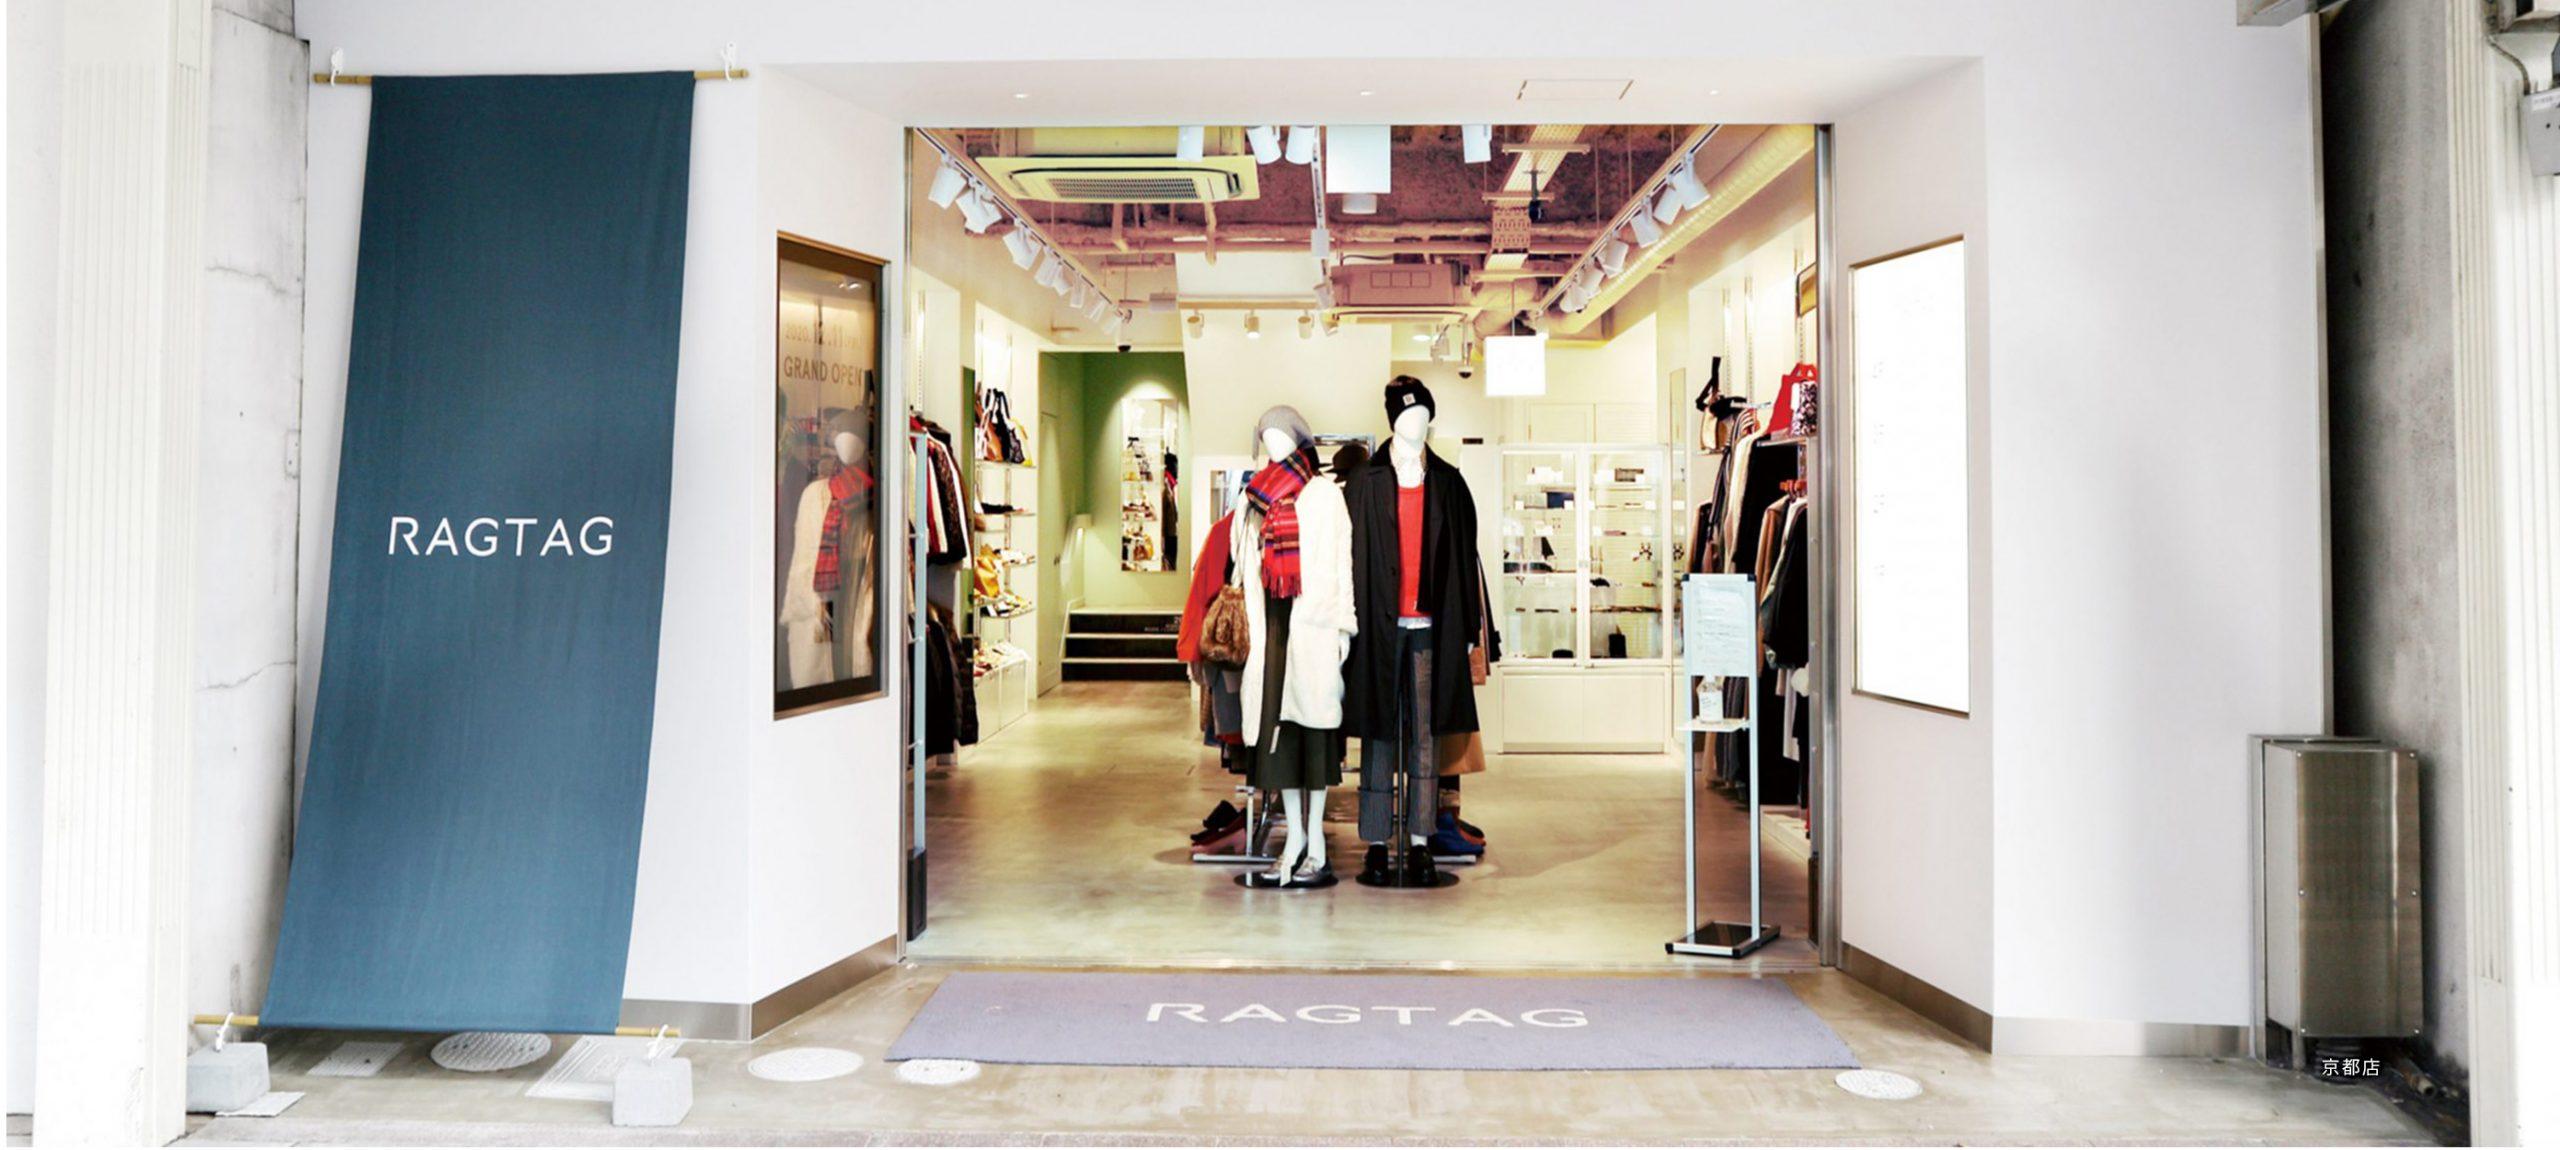 ユーズドセレクトショップ「RAGTAG(ラグタグ)」の店舗デザイン事例画像